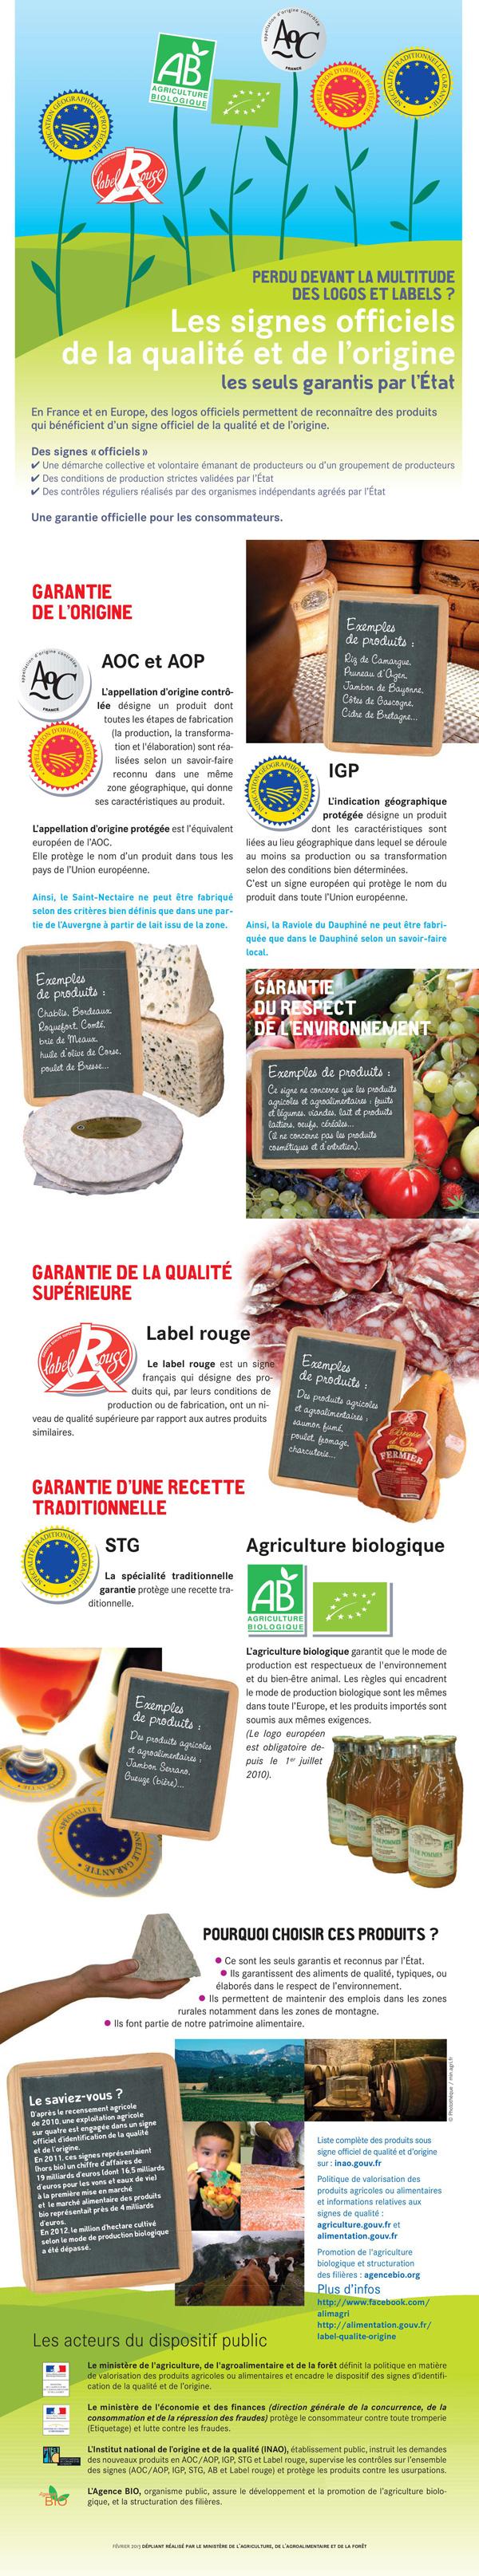 http://agriculture.gouv.fr/sites/minagri/files/documents/alimentation/pdf/210213-SIQOgp-BD-1-6_cle078837.pdf